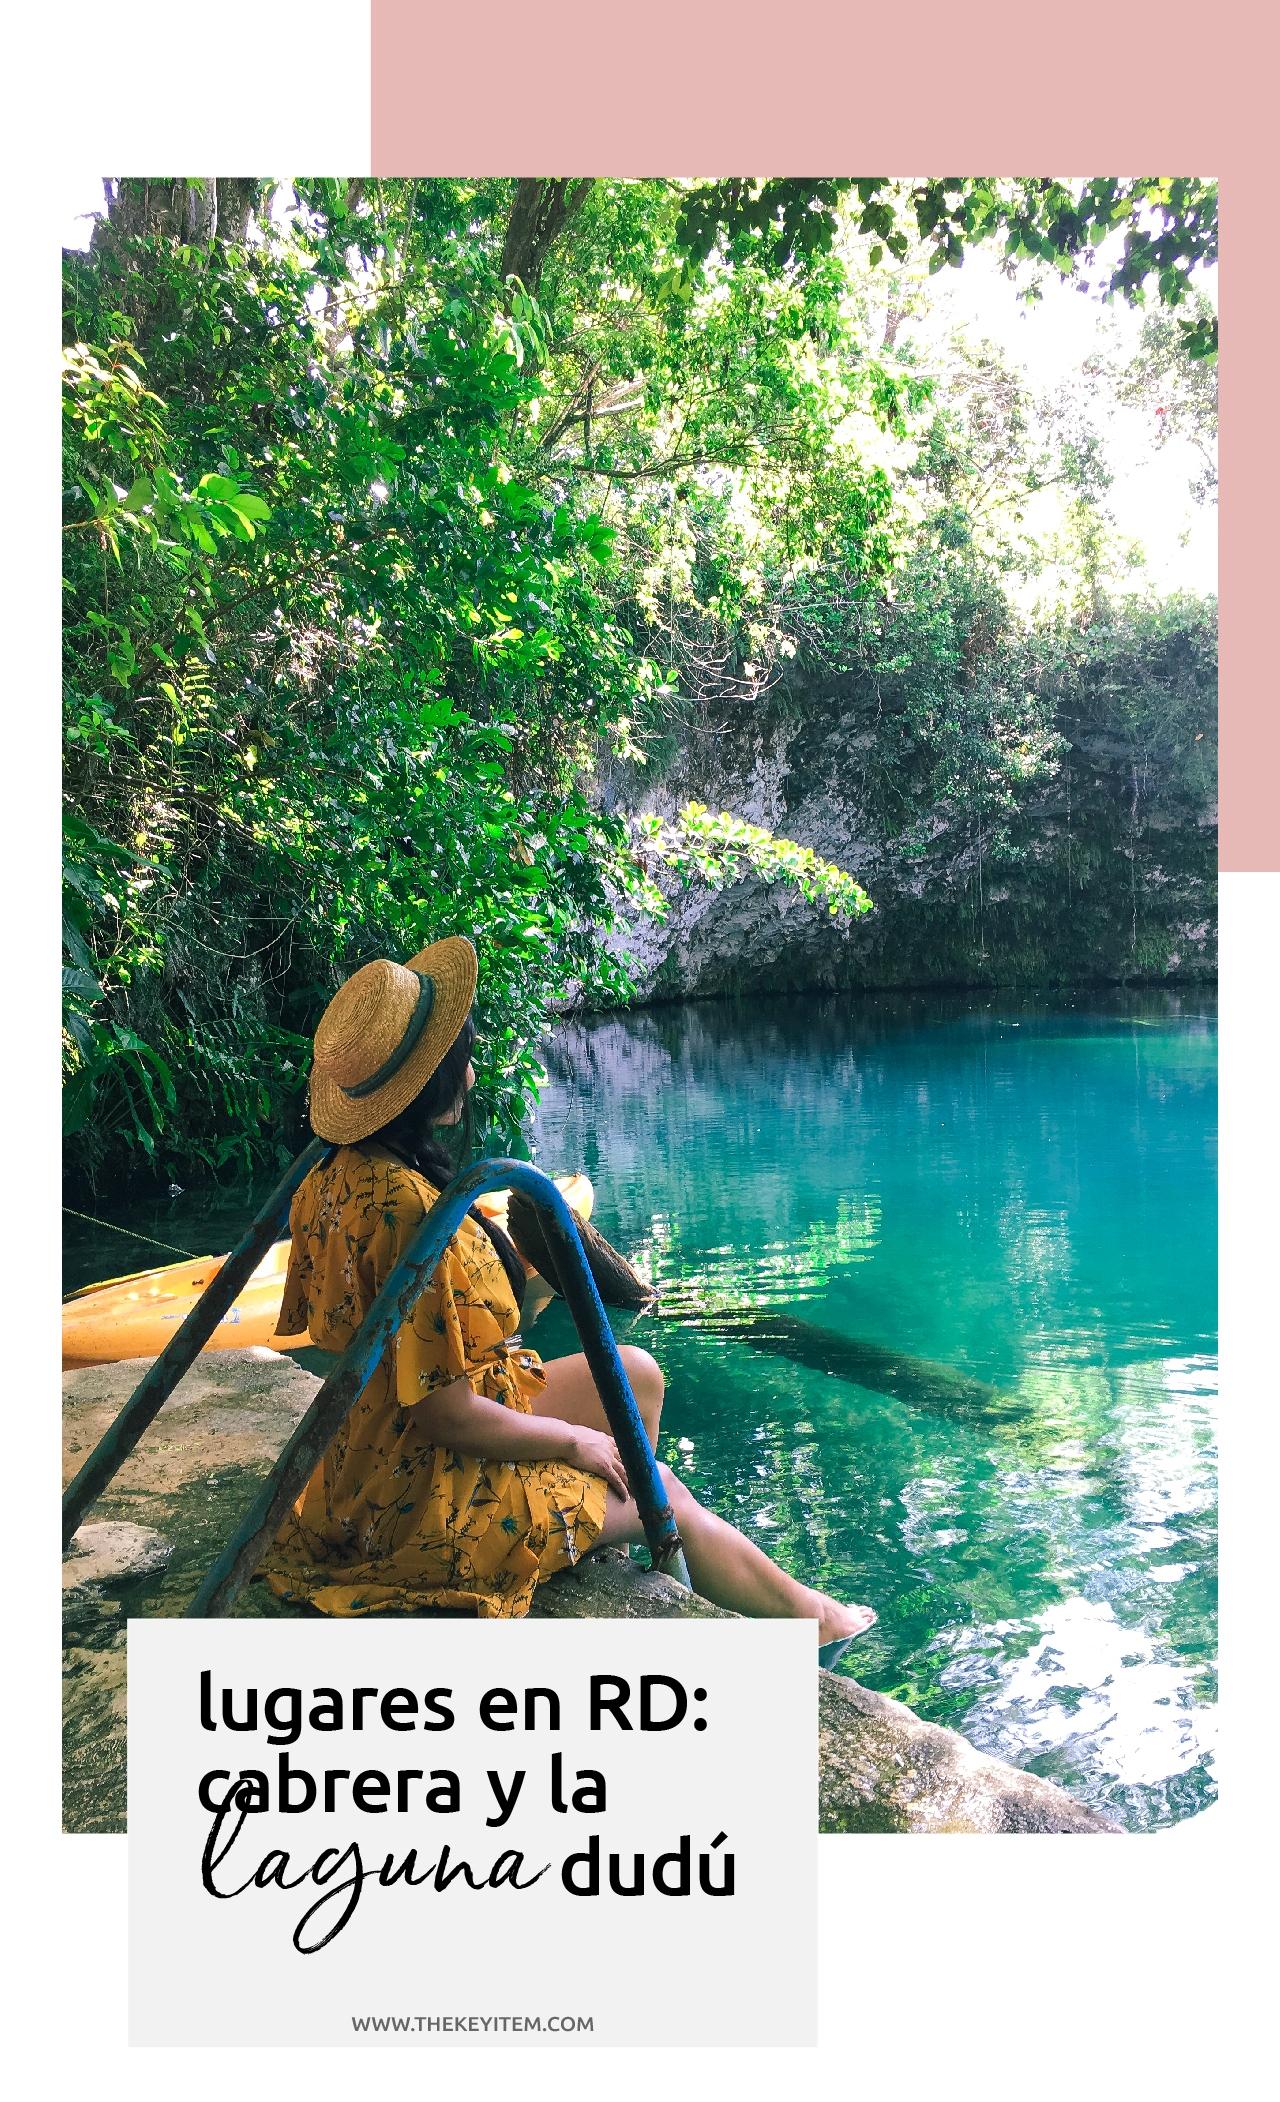 Esta es nuestra guía completa de viaje a Cabrera y la Laguna Dudú; desde dónde ir, cómo llegar, y presupuesto. Definitivamente, la  República Dominicana lo tiene todo, lo comprobé en este viaje.